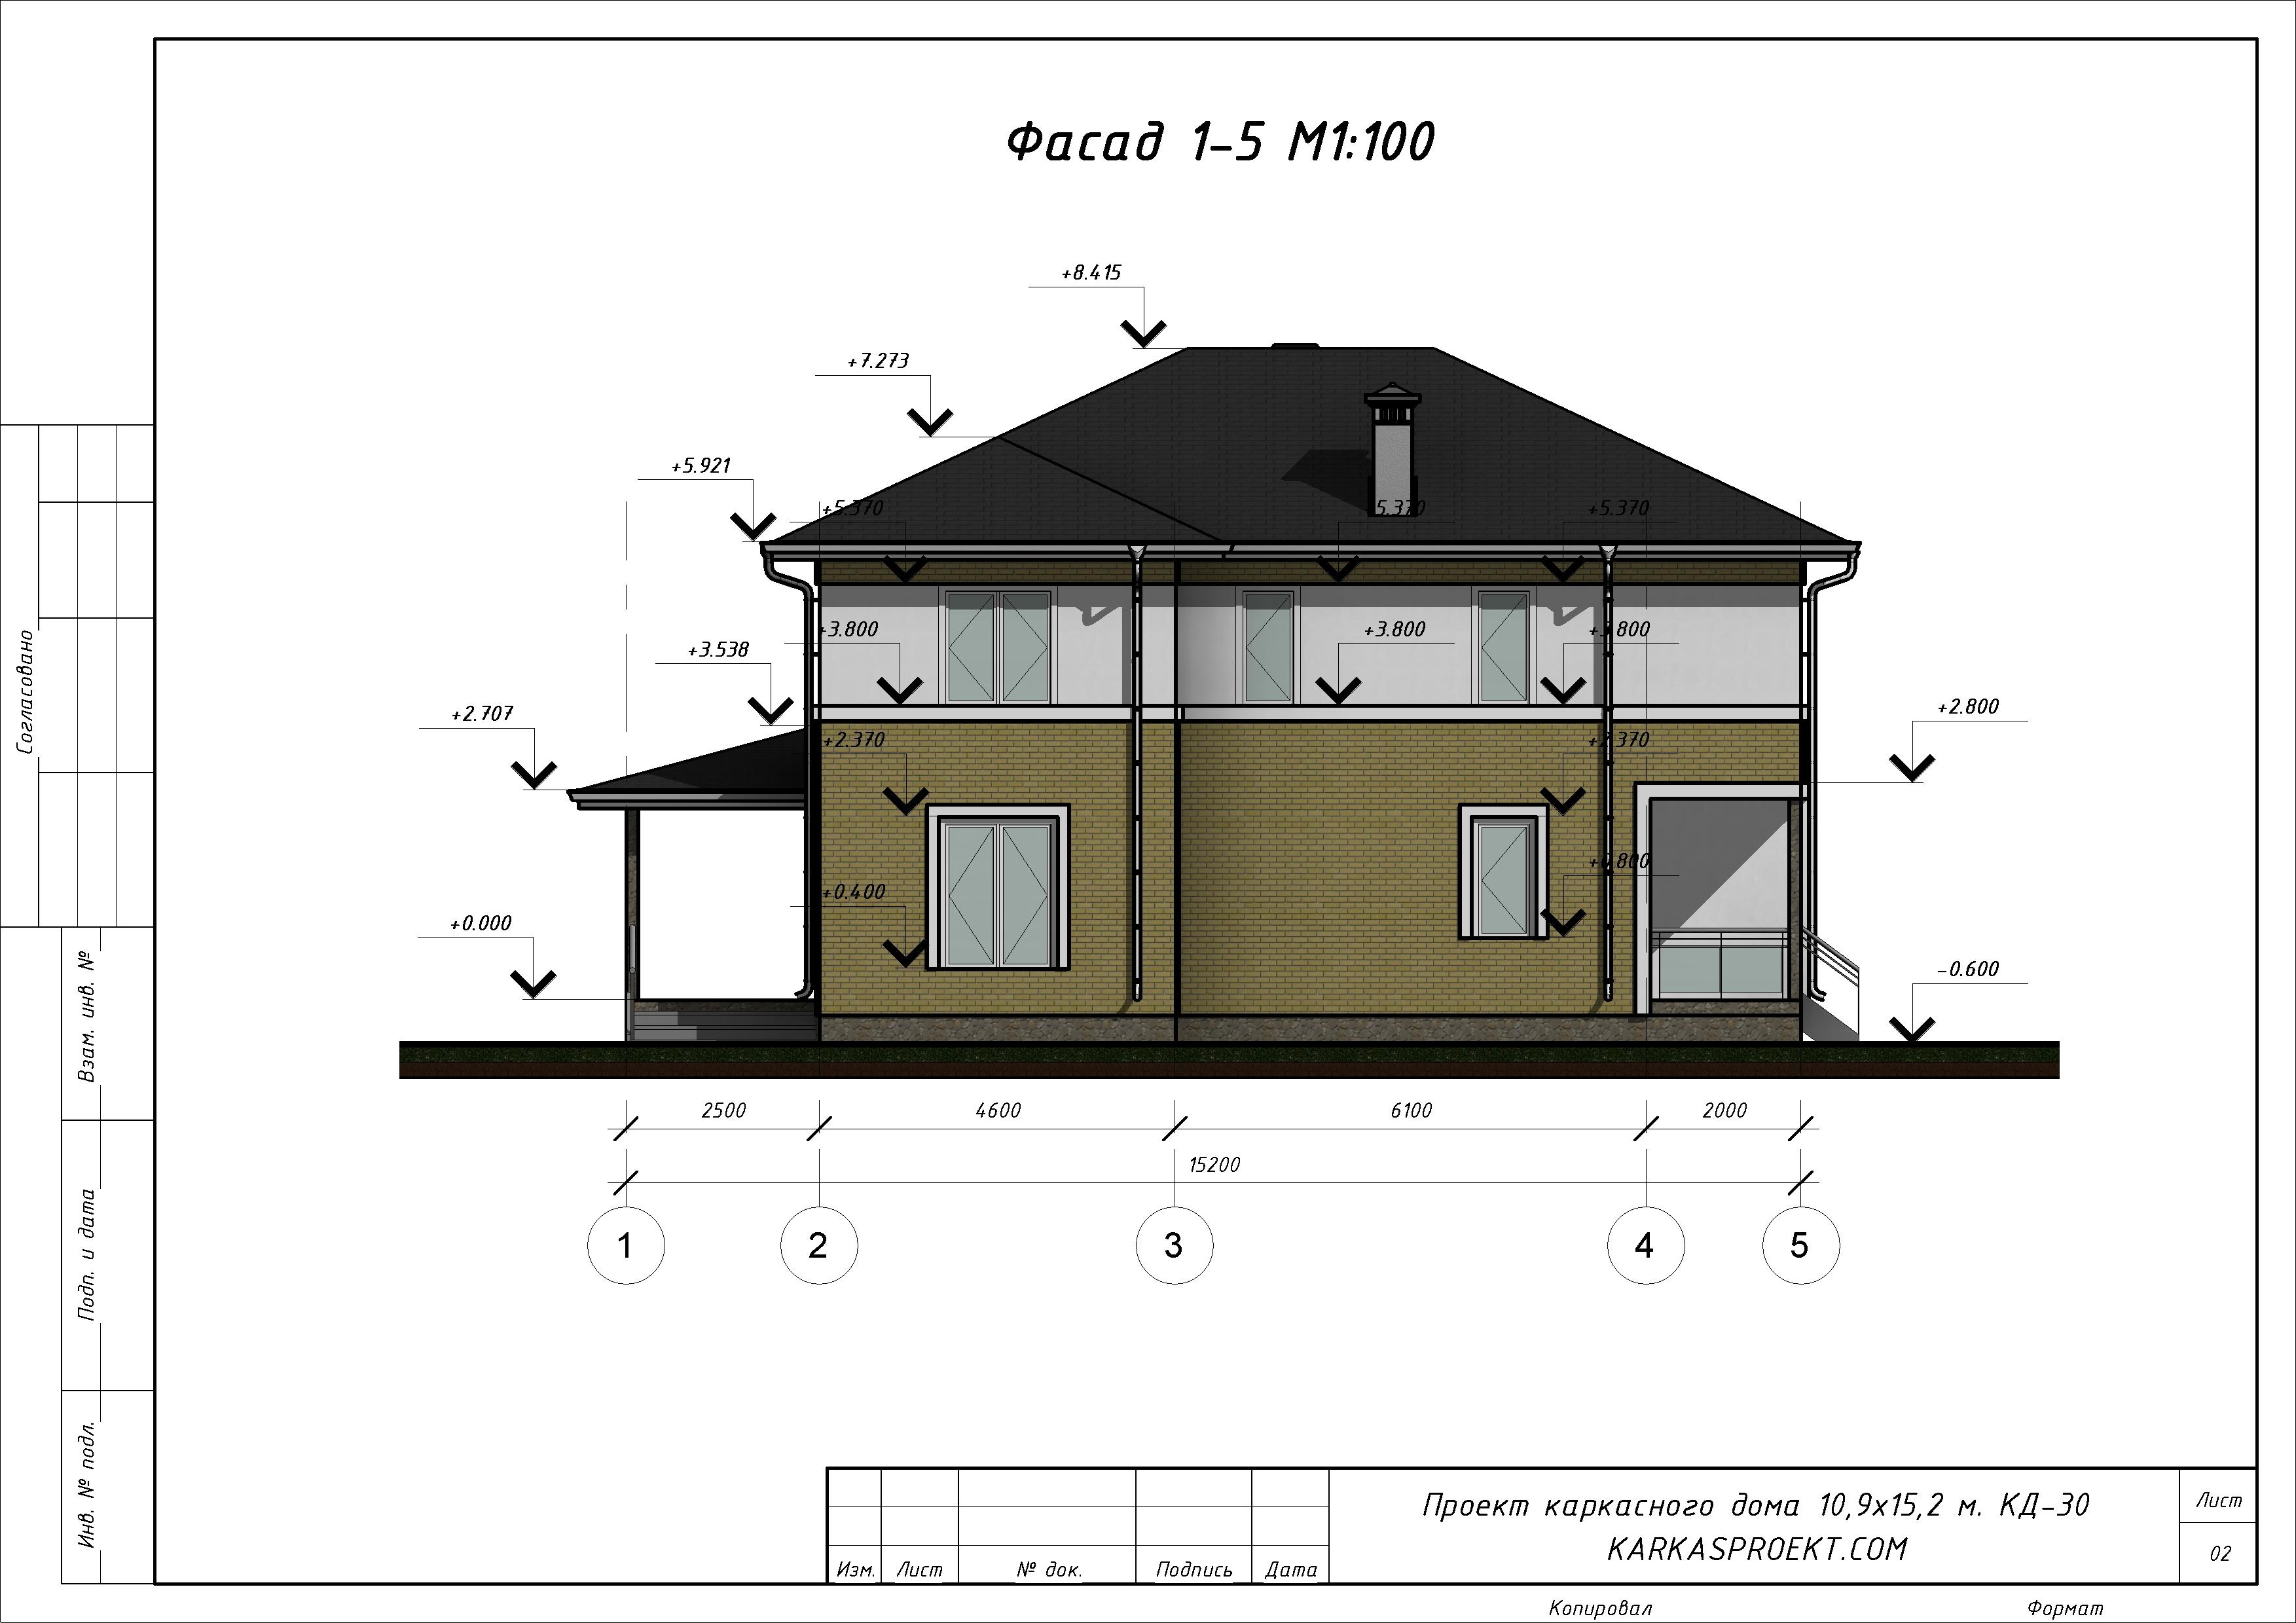 КД-30 - Фасад 1-5.jpg